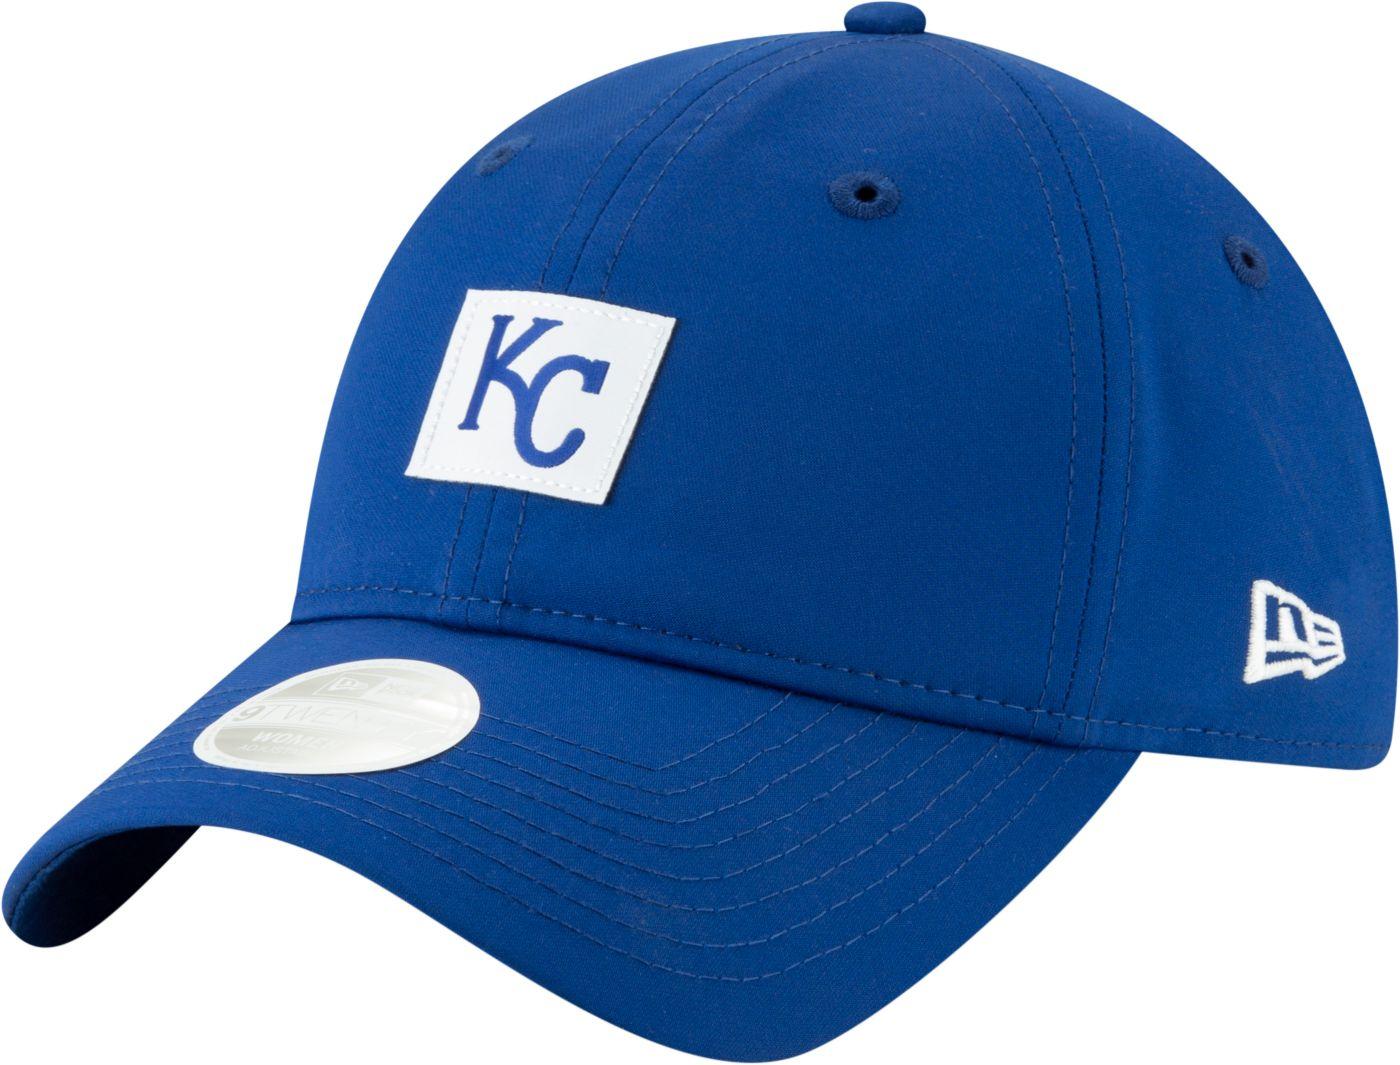 New Era Women's Kansas City Royals 9Twenty Sleekest Fan Adjustable Hat